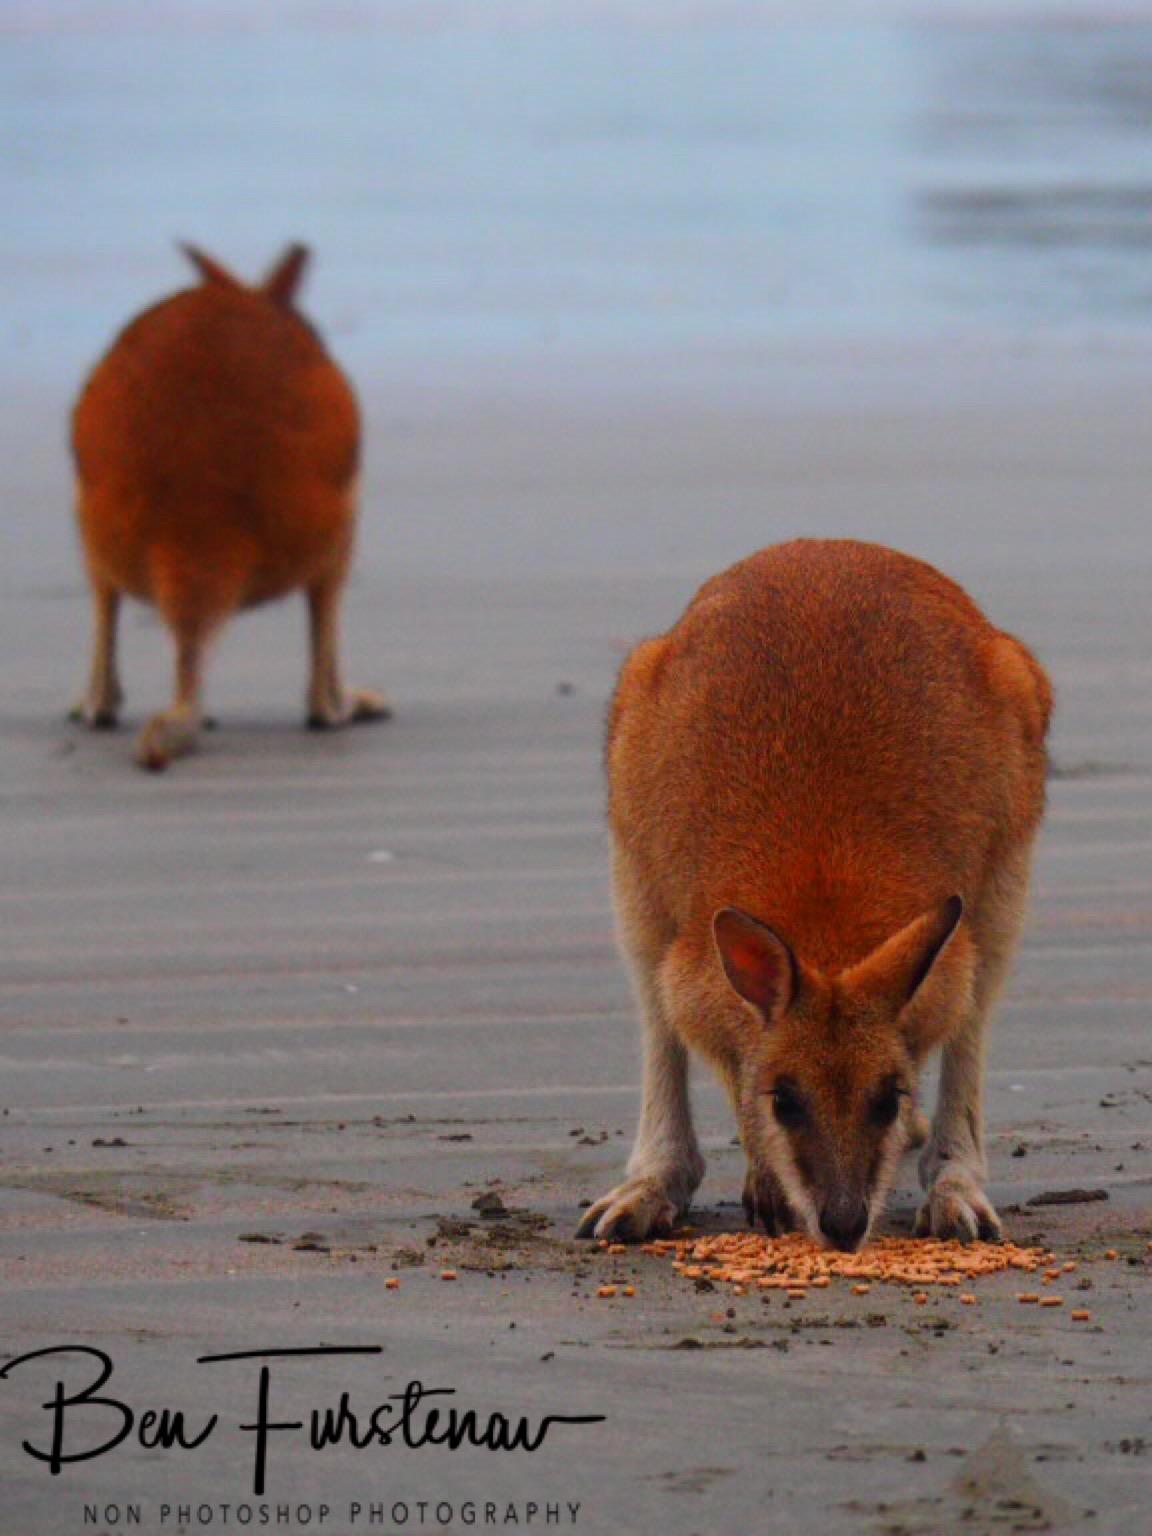 Mirror image at Cape Hillsborough, Queensland, Australia